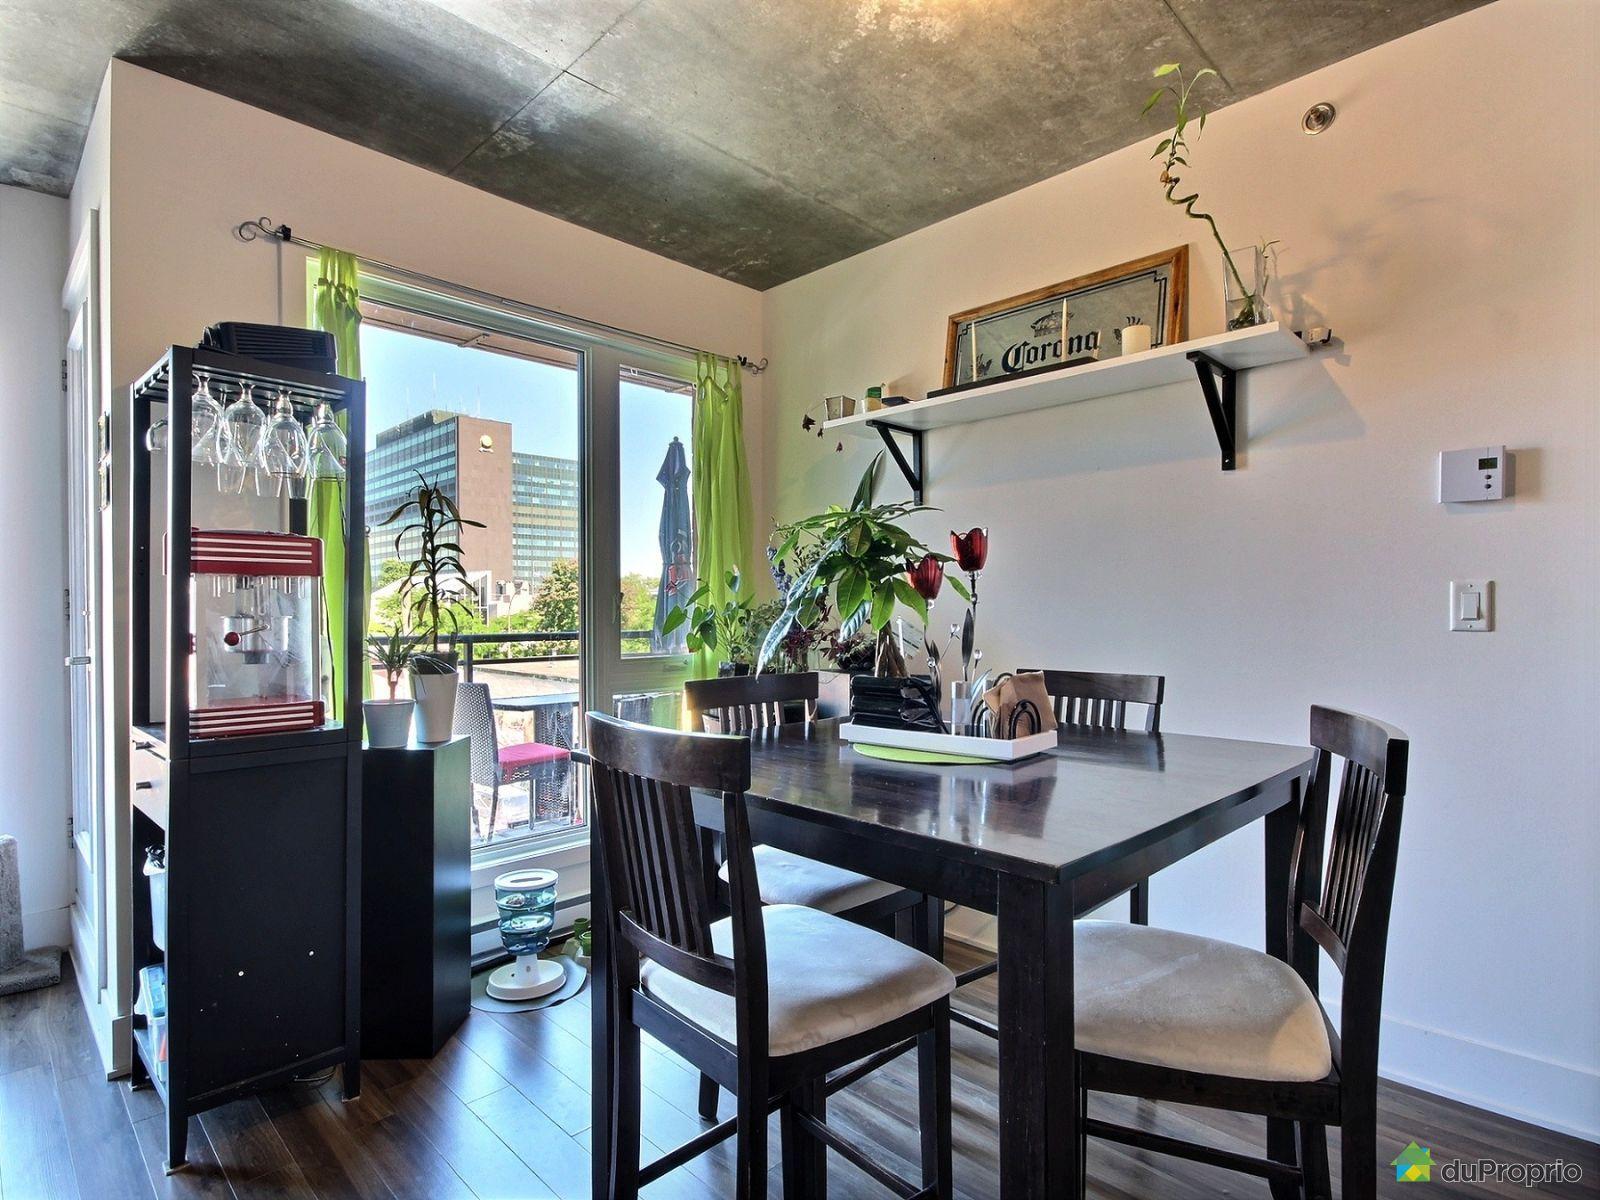 #3E668D Condo à Vendre Montréal 406 2160 Rue Laforce Immobilier  3891 salle a manger pas cher montreal 1600x1200 px @ aertt.com